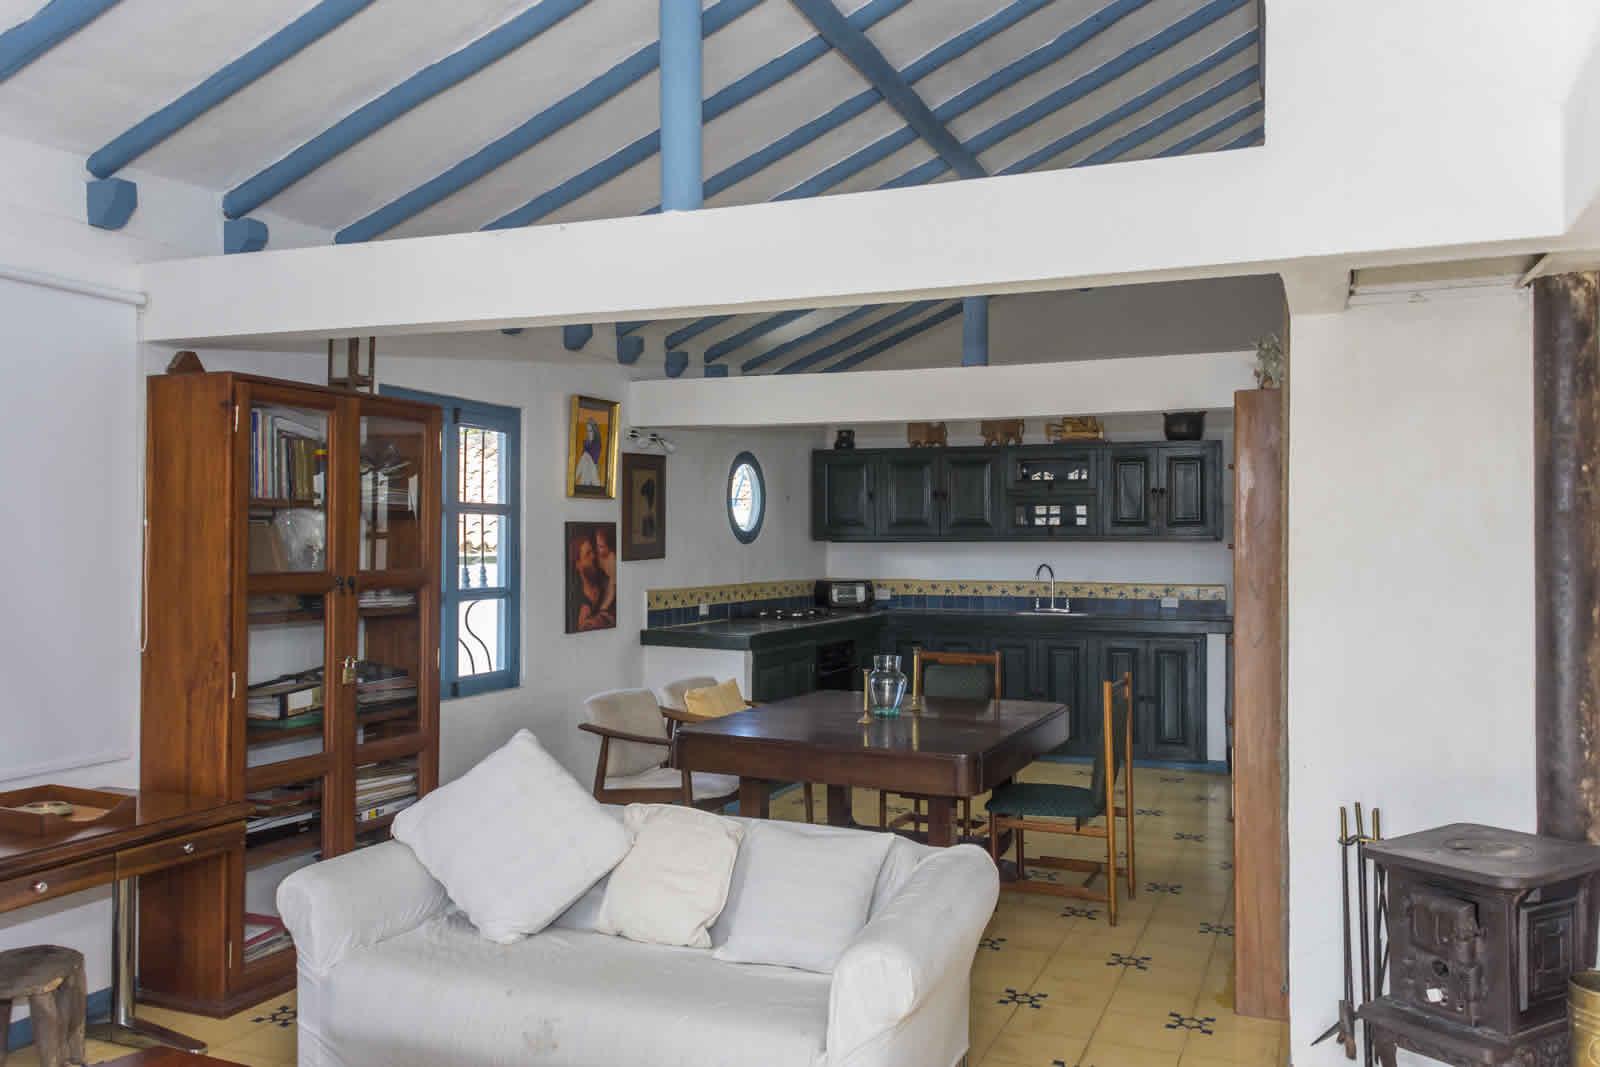 Alquiler casa Tulato Villa de Leyva sala comedor y cocina